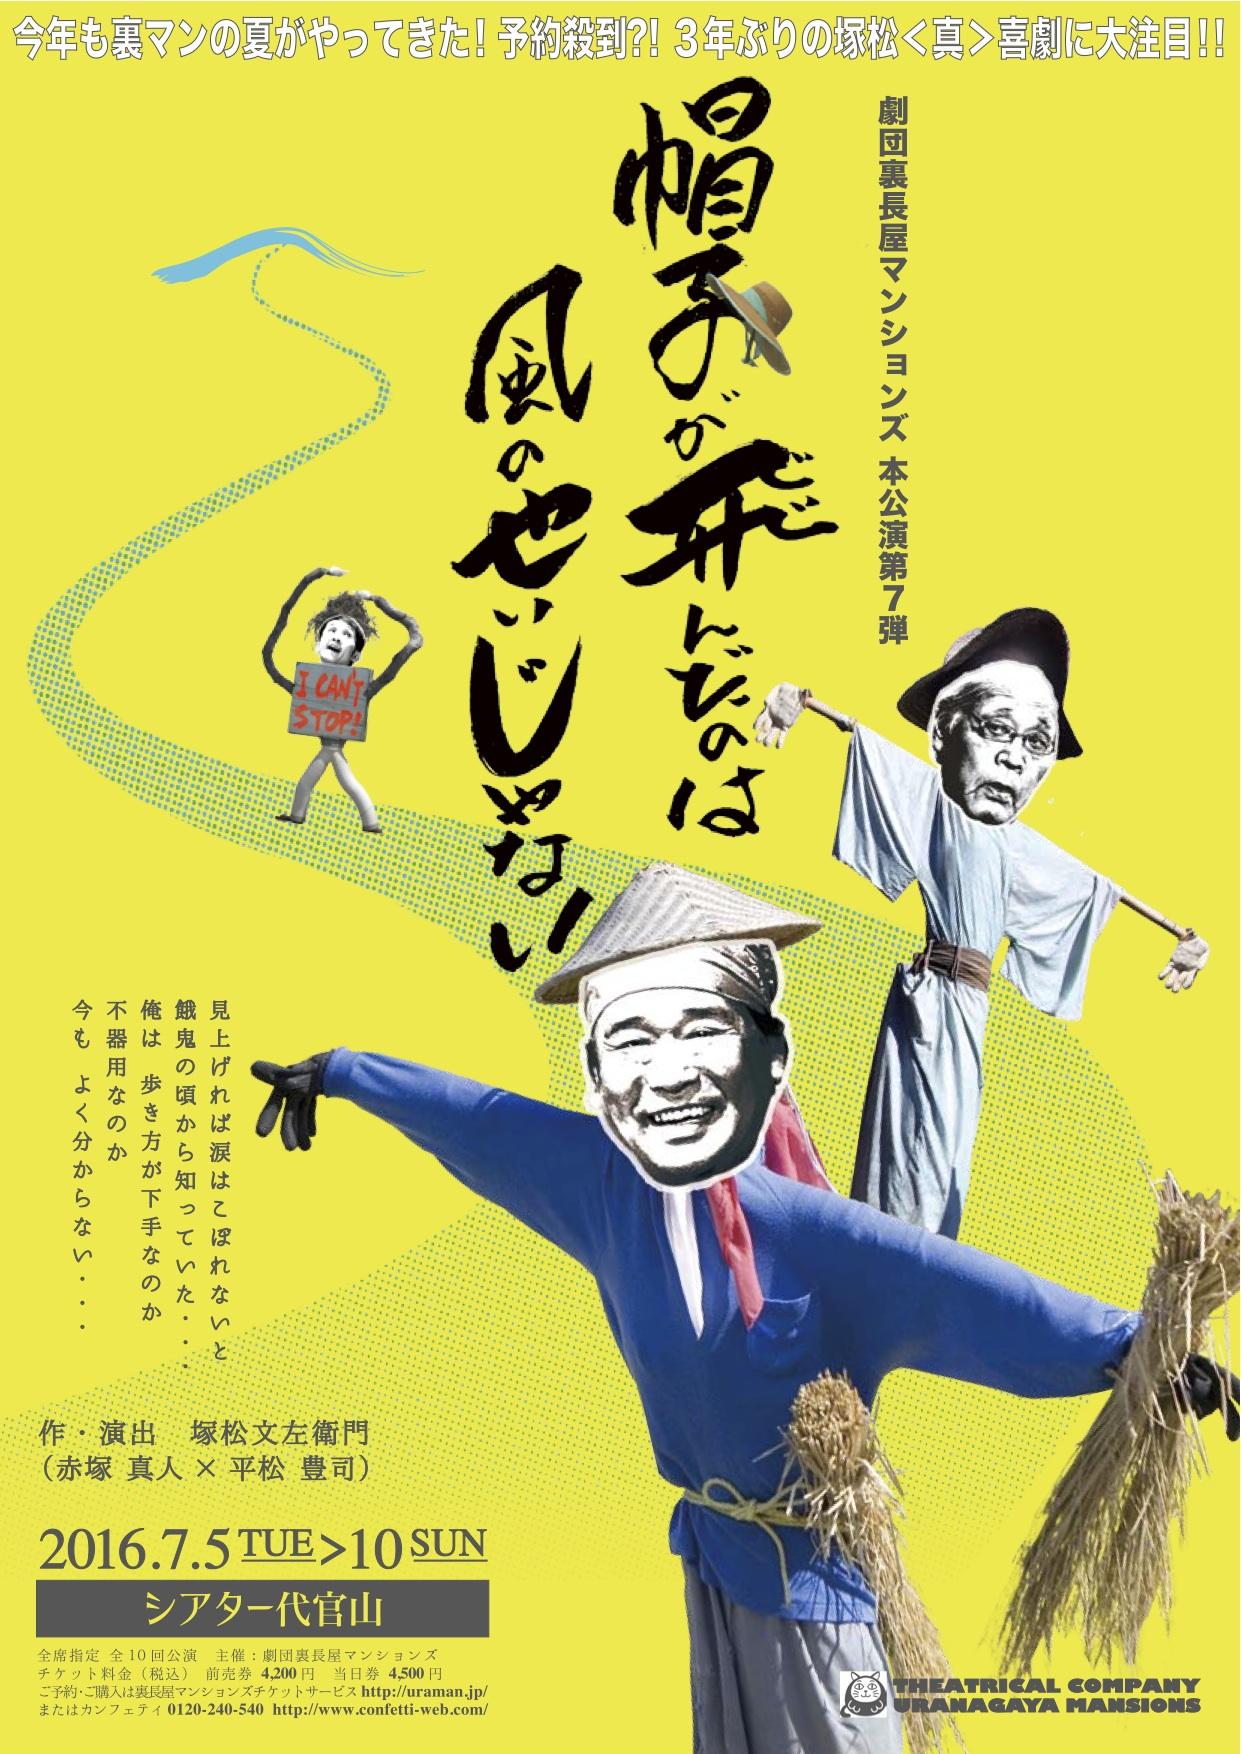 劇団裏長屋マンションズ本公演第7弾「帽子が飛んだのは風のせいじゃない」